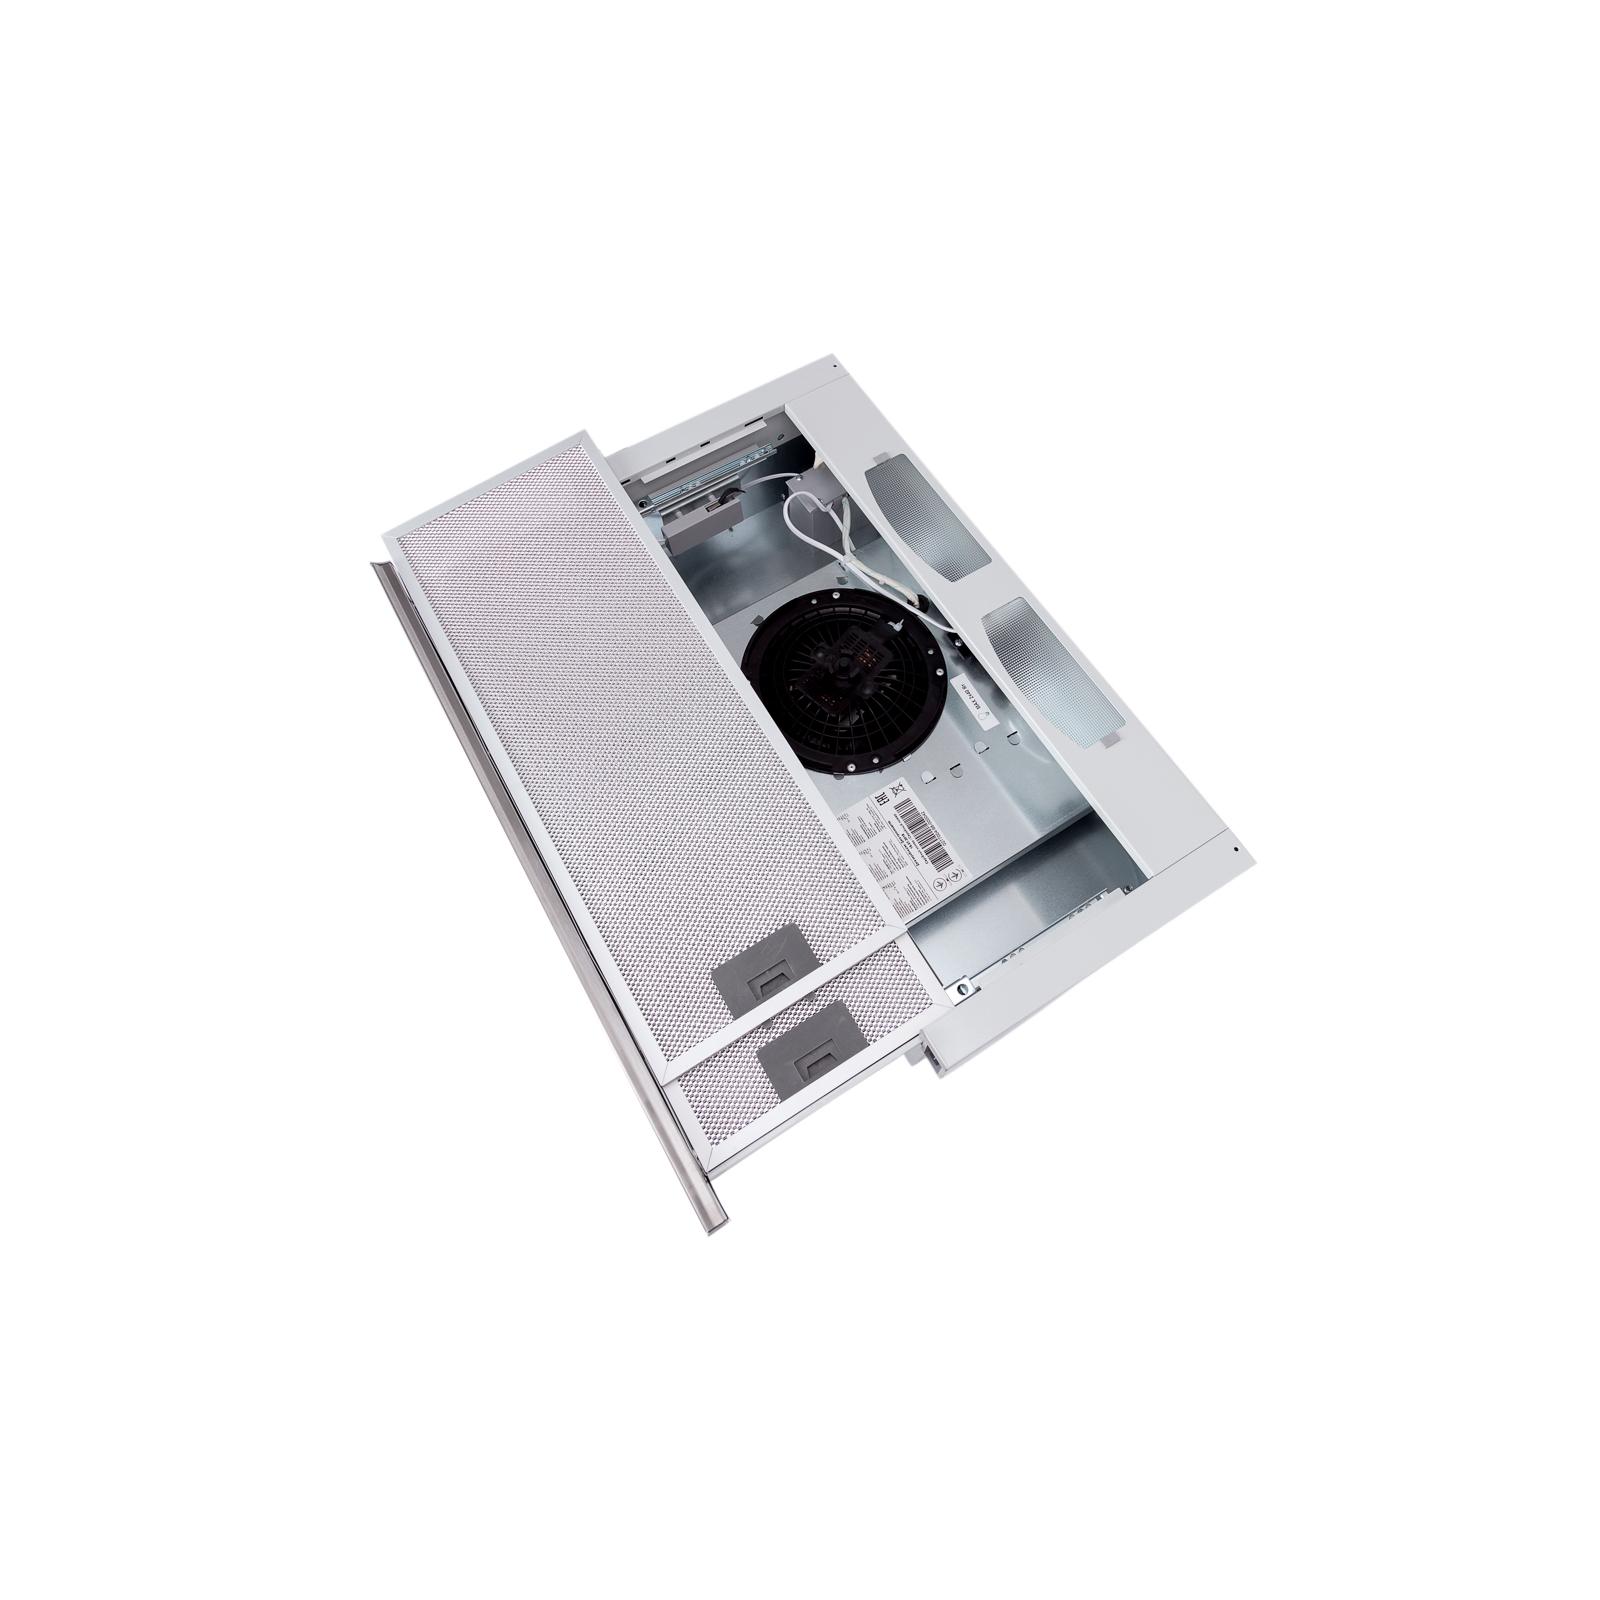 Вытяжка кухонная Pyramida TL 50 SLIM IX изображение 10